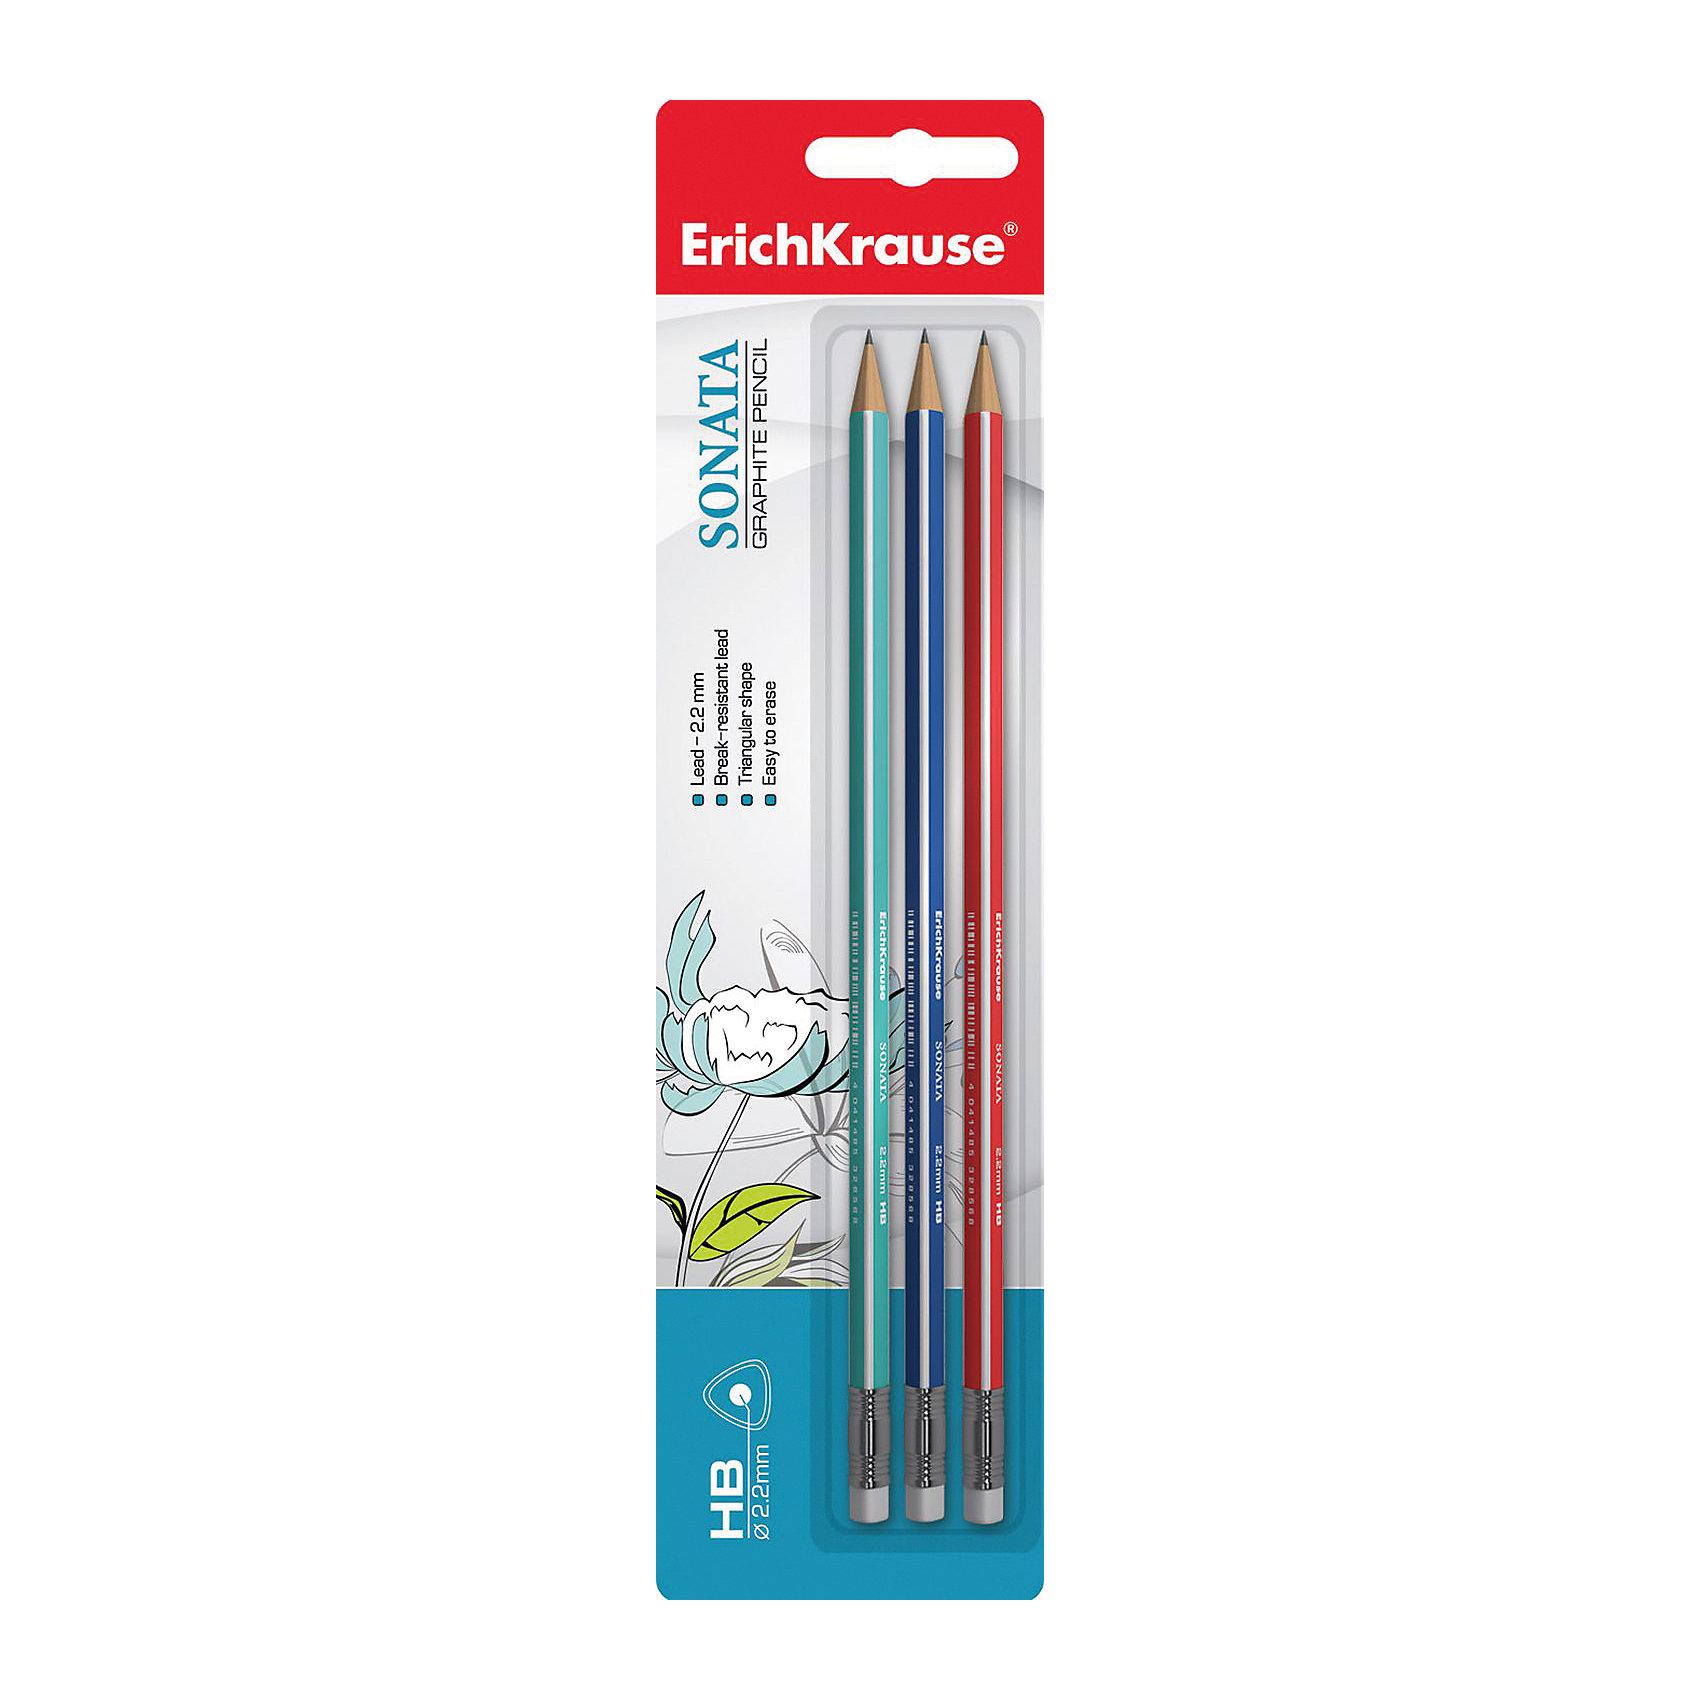 Набор из 3-х чернографитных карандашей с ластиком SONATA (HB), Erich KrauseНабор из 3-х чернографитных карандашей с ластиком SONATA (HB), Erich Krause (Эрих Краузе). <br><br>Характеристика: <br><br>• Материал: дерево.<br>• Мягкость: HB.<br>• Длина карандаша: 17 см. <br>• Форма корпуса: треугольная<br>• Ластик.<br>• Прочный грифель, устойчивый к падениям. <br>• Хорошо затачиваются. <br>• 3 карандаша в наборе. <br>• Цвет корпуса: синий, зеленый, красный. <br><br>Трехгранные карандаши SONATA обеспечивают правильный захват и постановку пальцев, выполнены из натуральной древесины. Карандаши легко и быстро затачиваются, имеют прочный грифель, который не ломается во время падений и не крошится при заточке. <br><br>Набор из 3-х чернографитных карандашей с ластиком SONATA (HB), Erich Krause (Эрих Краузе), можно купить в нашем интернет-магазине.<br><br>Ширина мм: 65<br>Глубина мм: 200<br>Высота мм: 8<br>Вес г: 30<br>Возраст от месяцев: 84<br>Возраст до месяцев: 2147483647<br>Пол: Унисекс<br>Возраст: Детский<br>SKU: 5436332